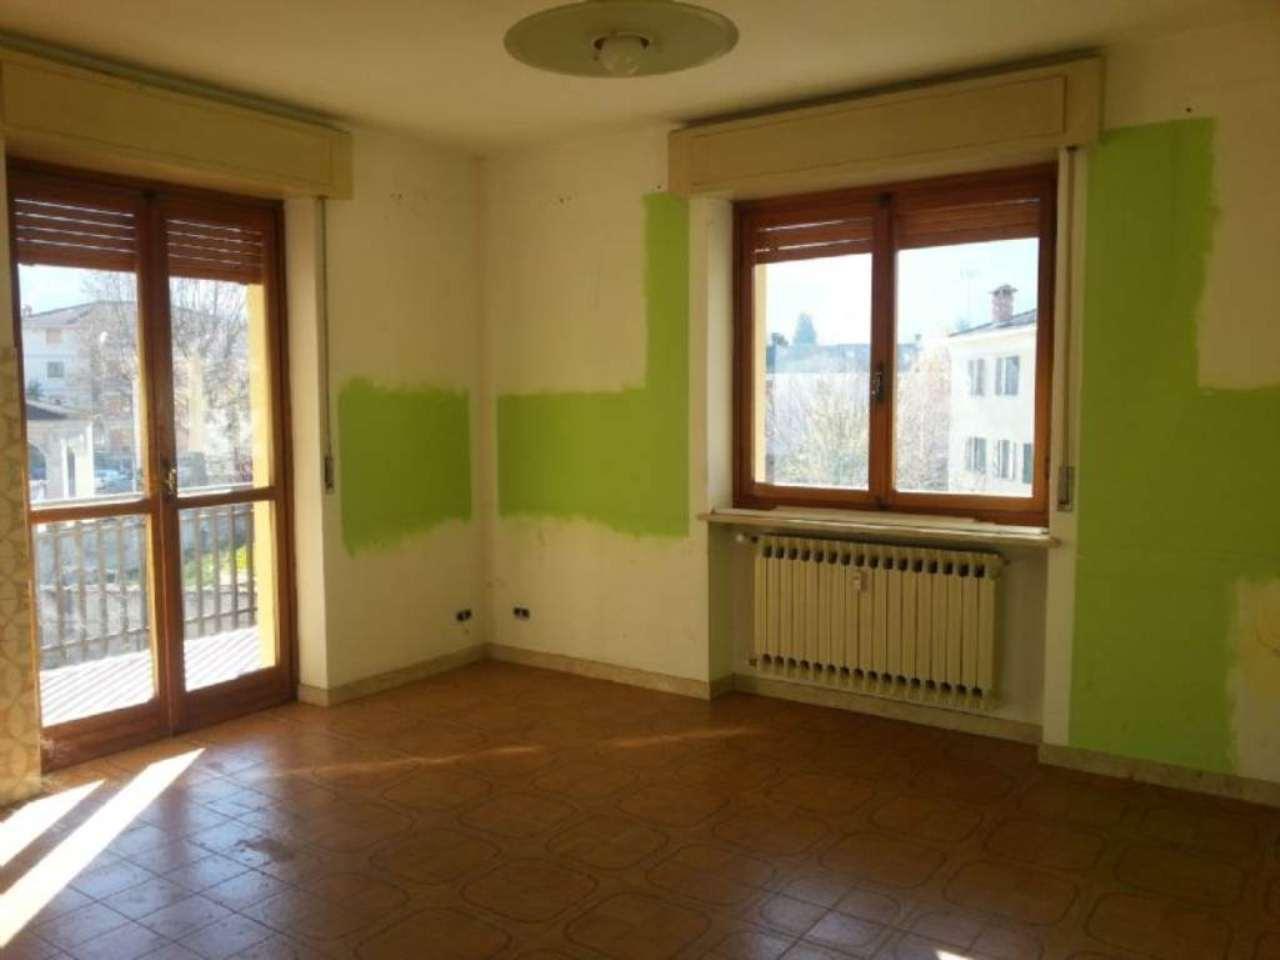 Appartamento in vendita a Boves, 3 locali, prezzo € 88.000 | Cambio Casa.it